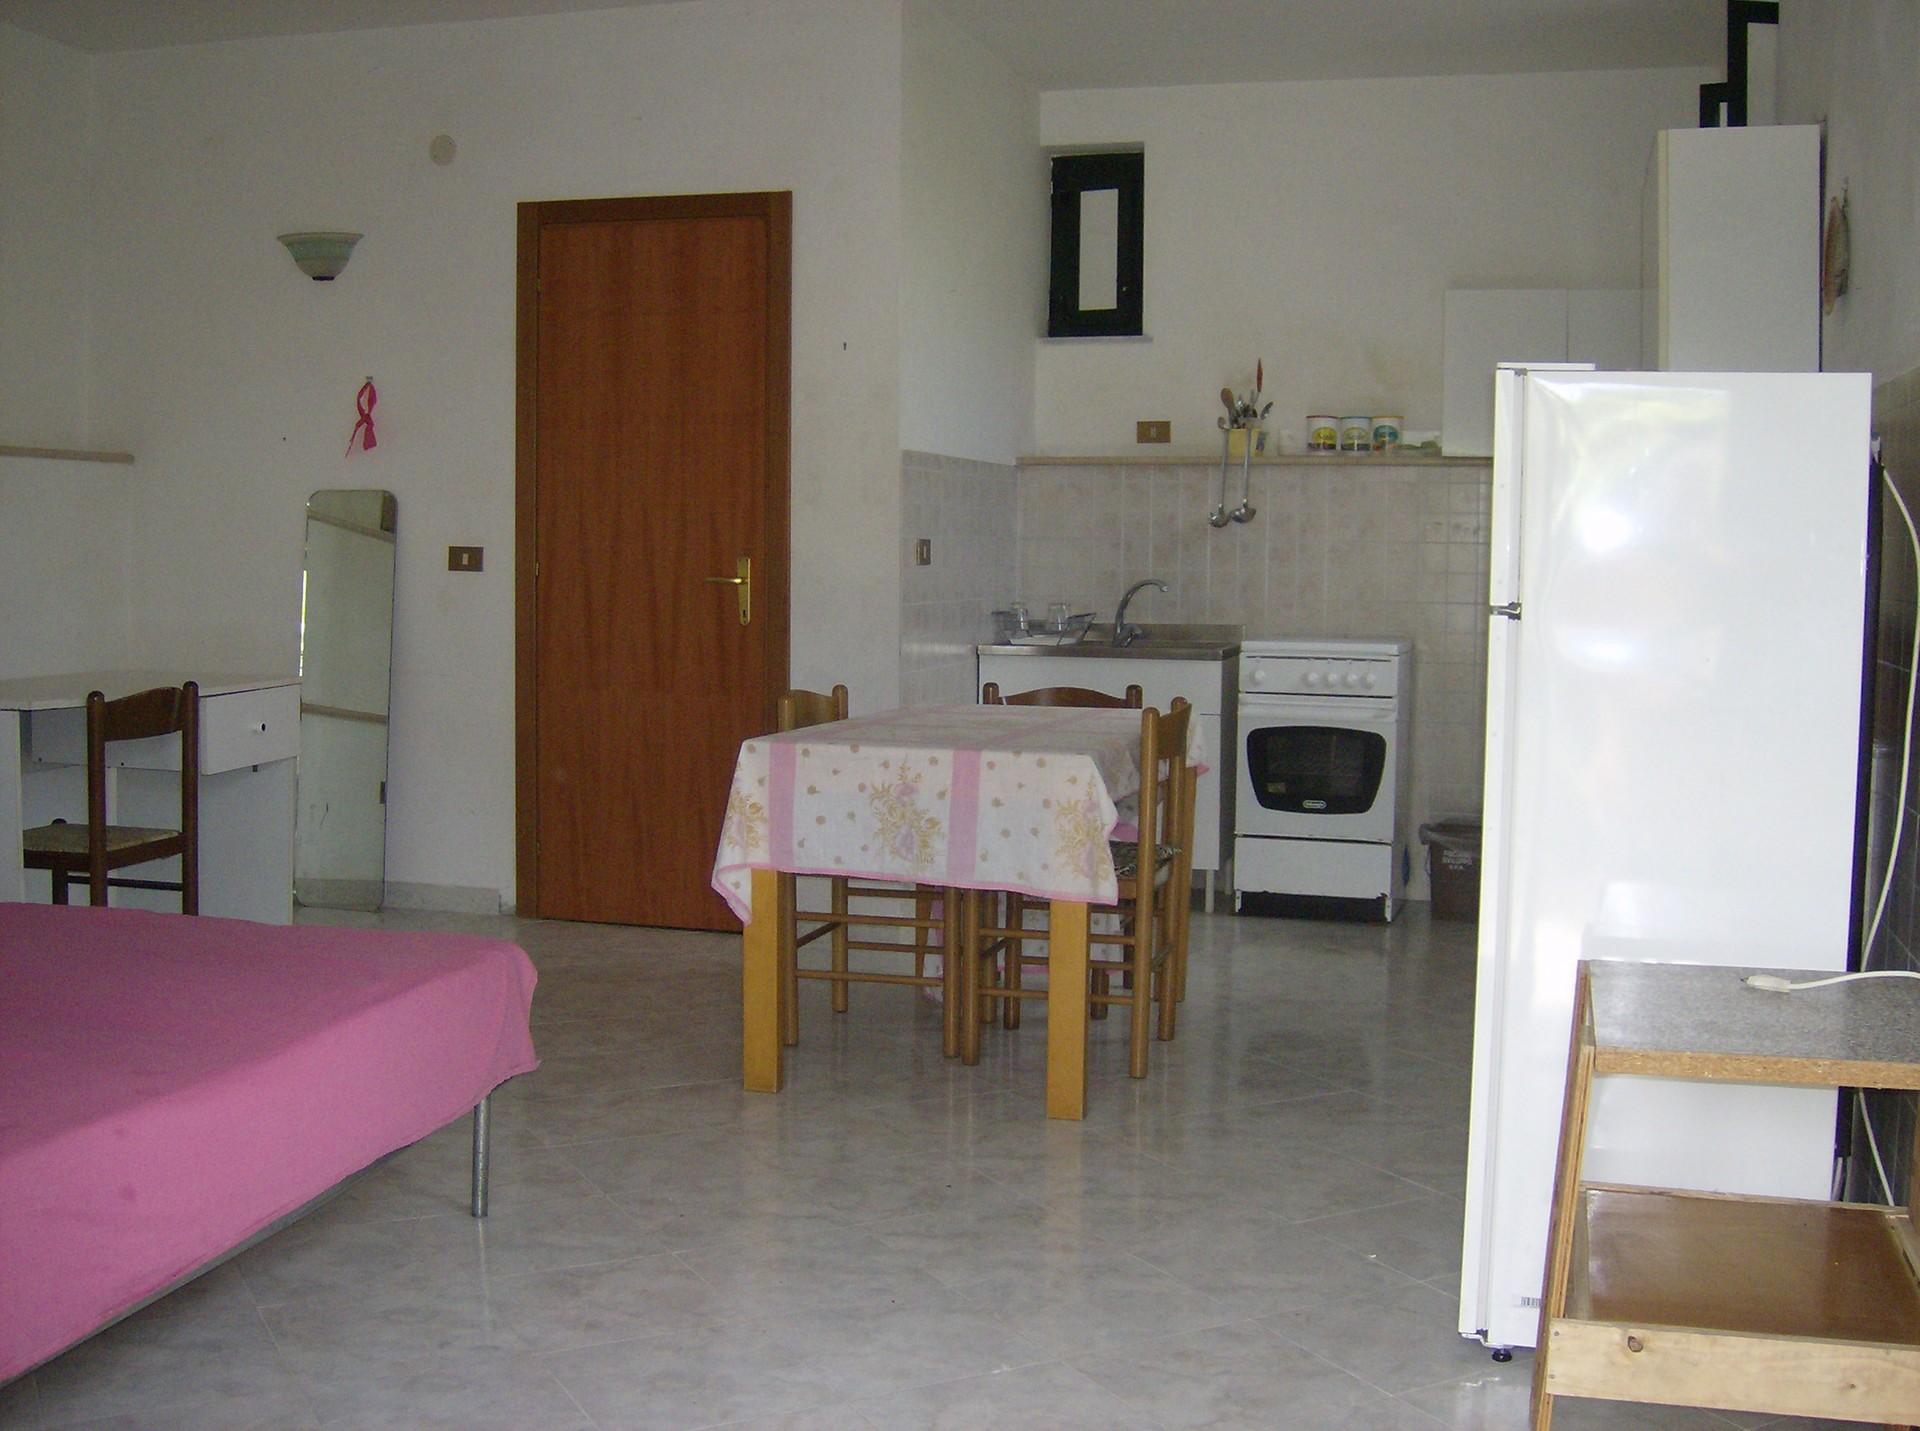 monolocale con angolo cottura bagno e spazio esterno